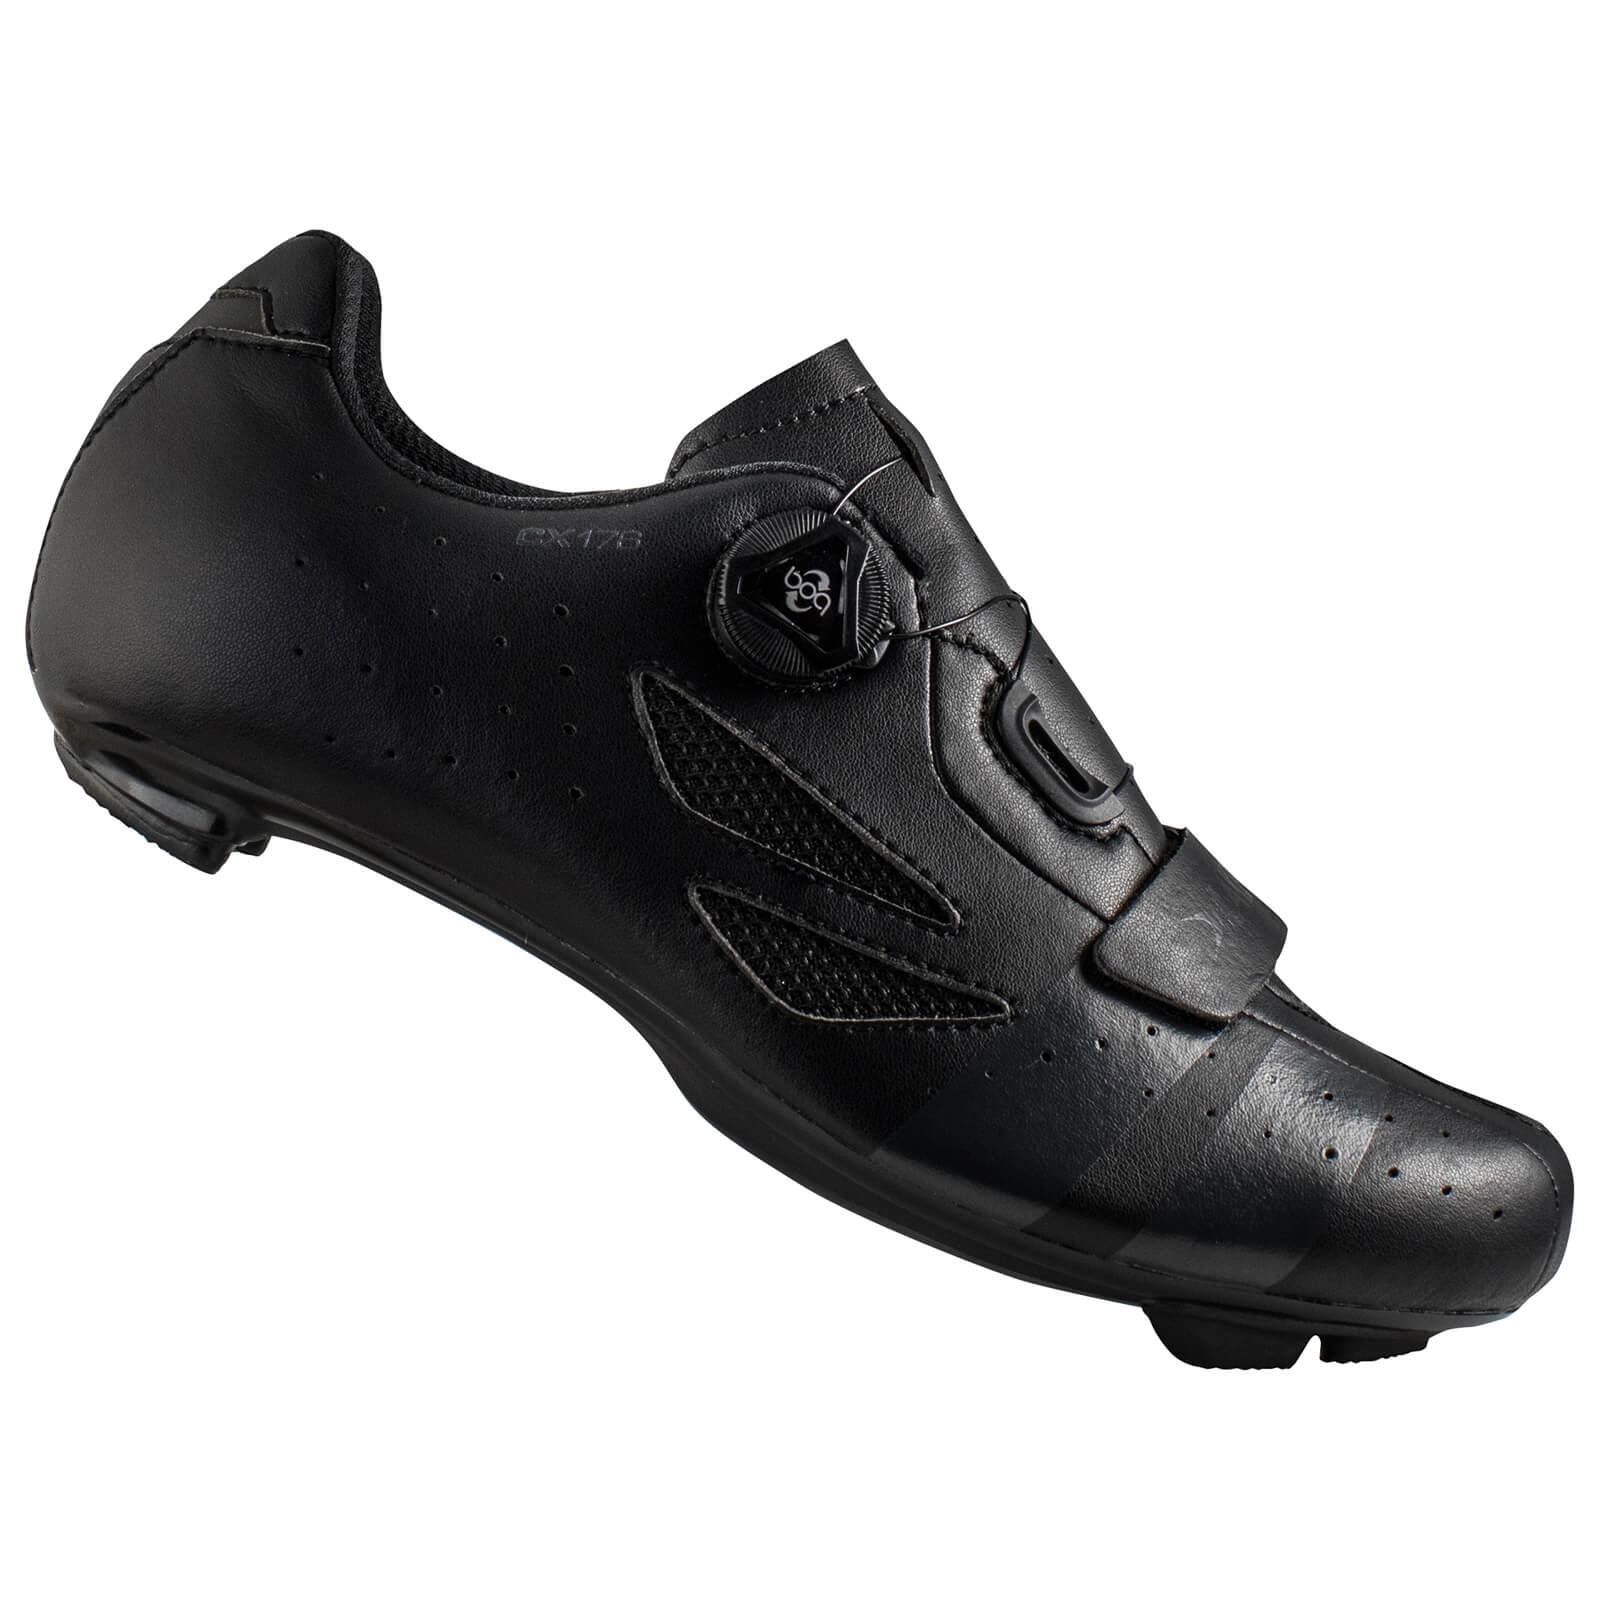 Lake Cx176 Wide Fit Road Shoes - Black/grey - Eu 47